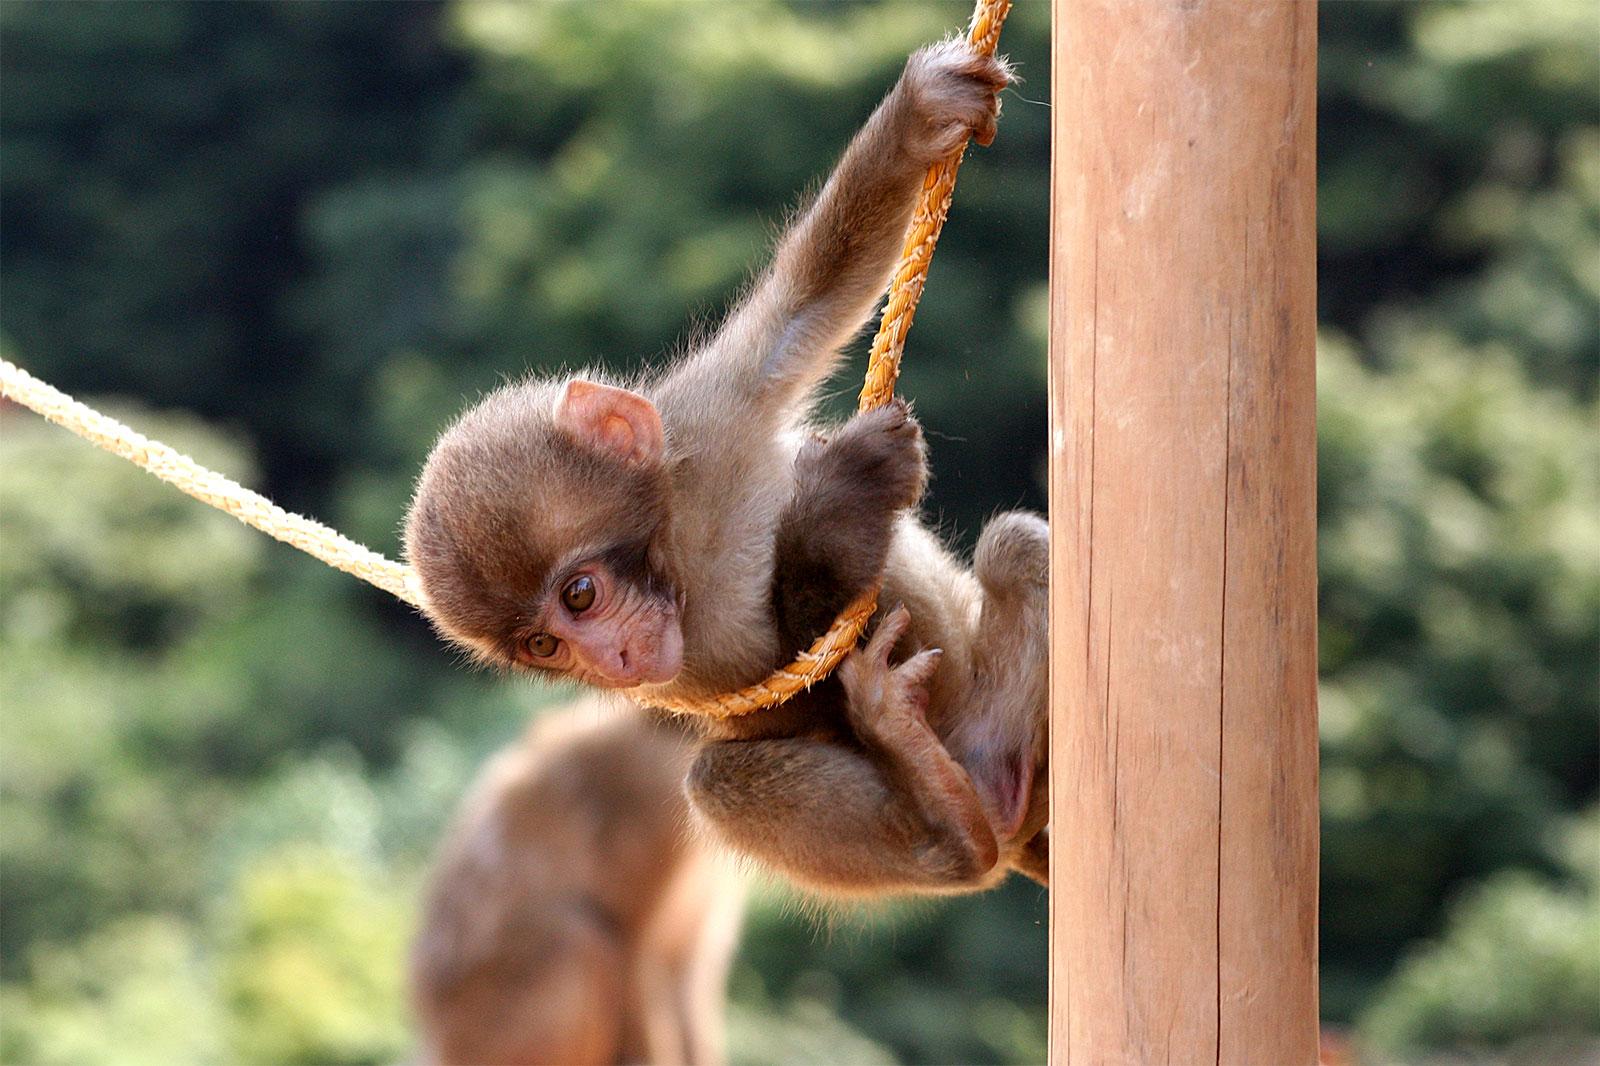 4 Reasons To Visit The Iwatayama Monkey Park